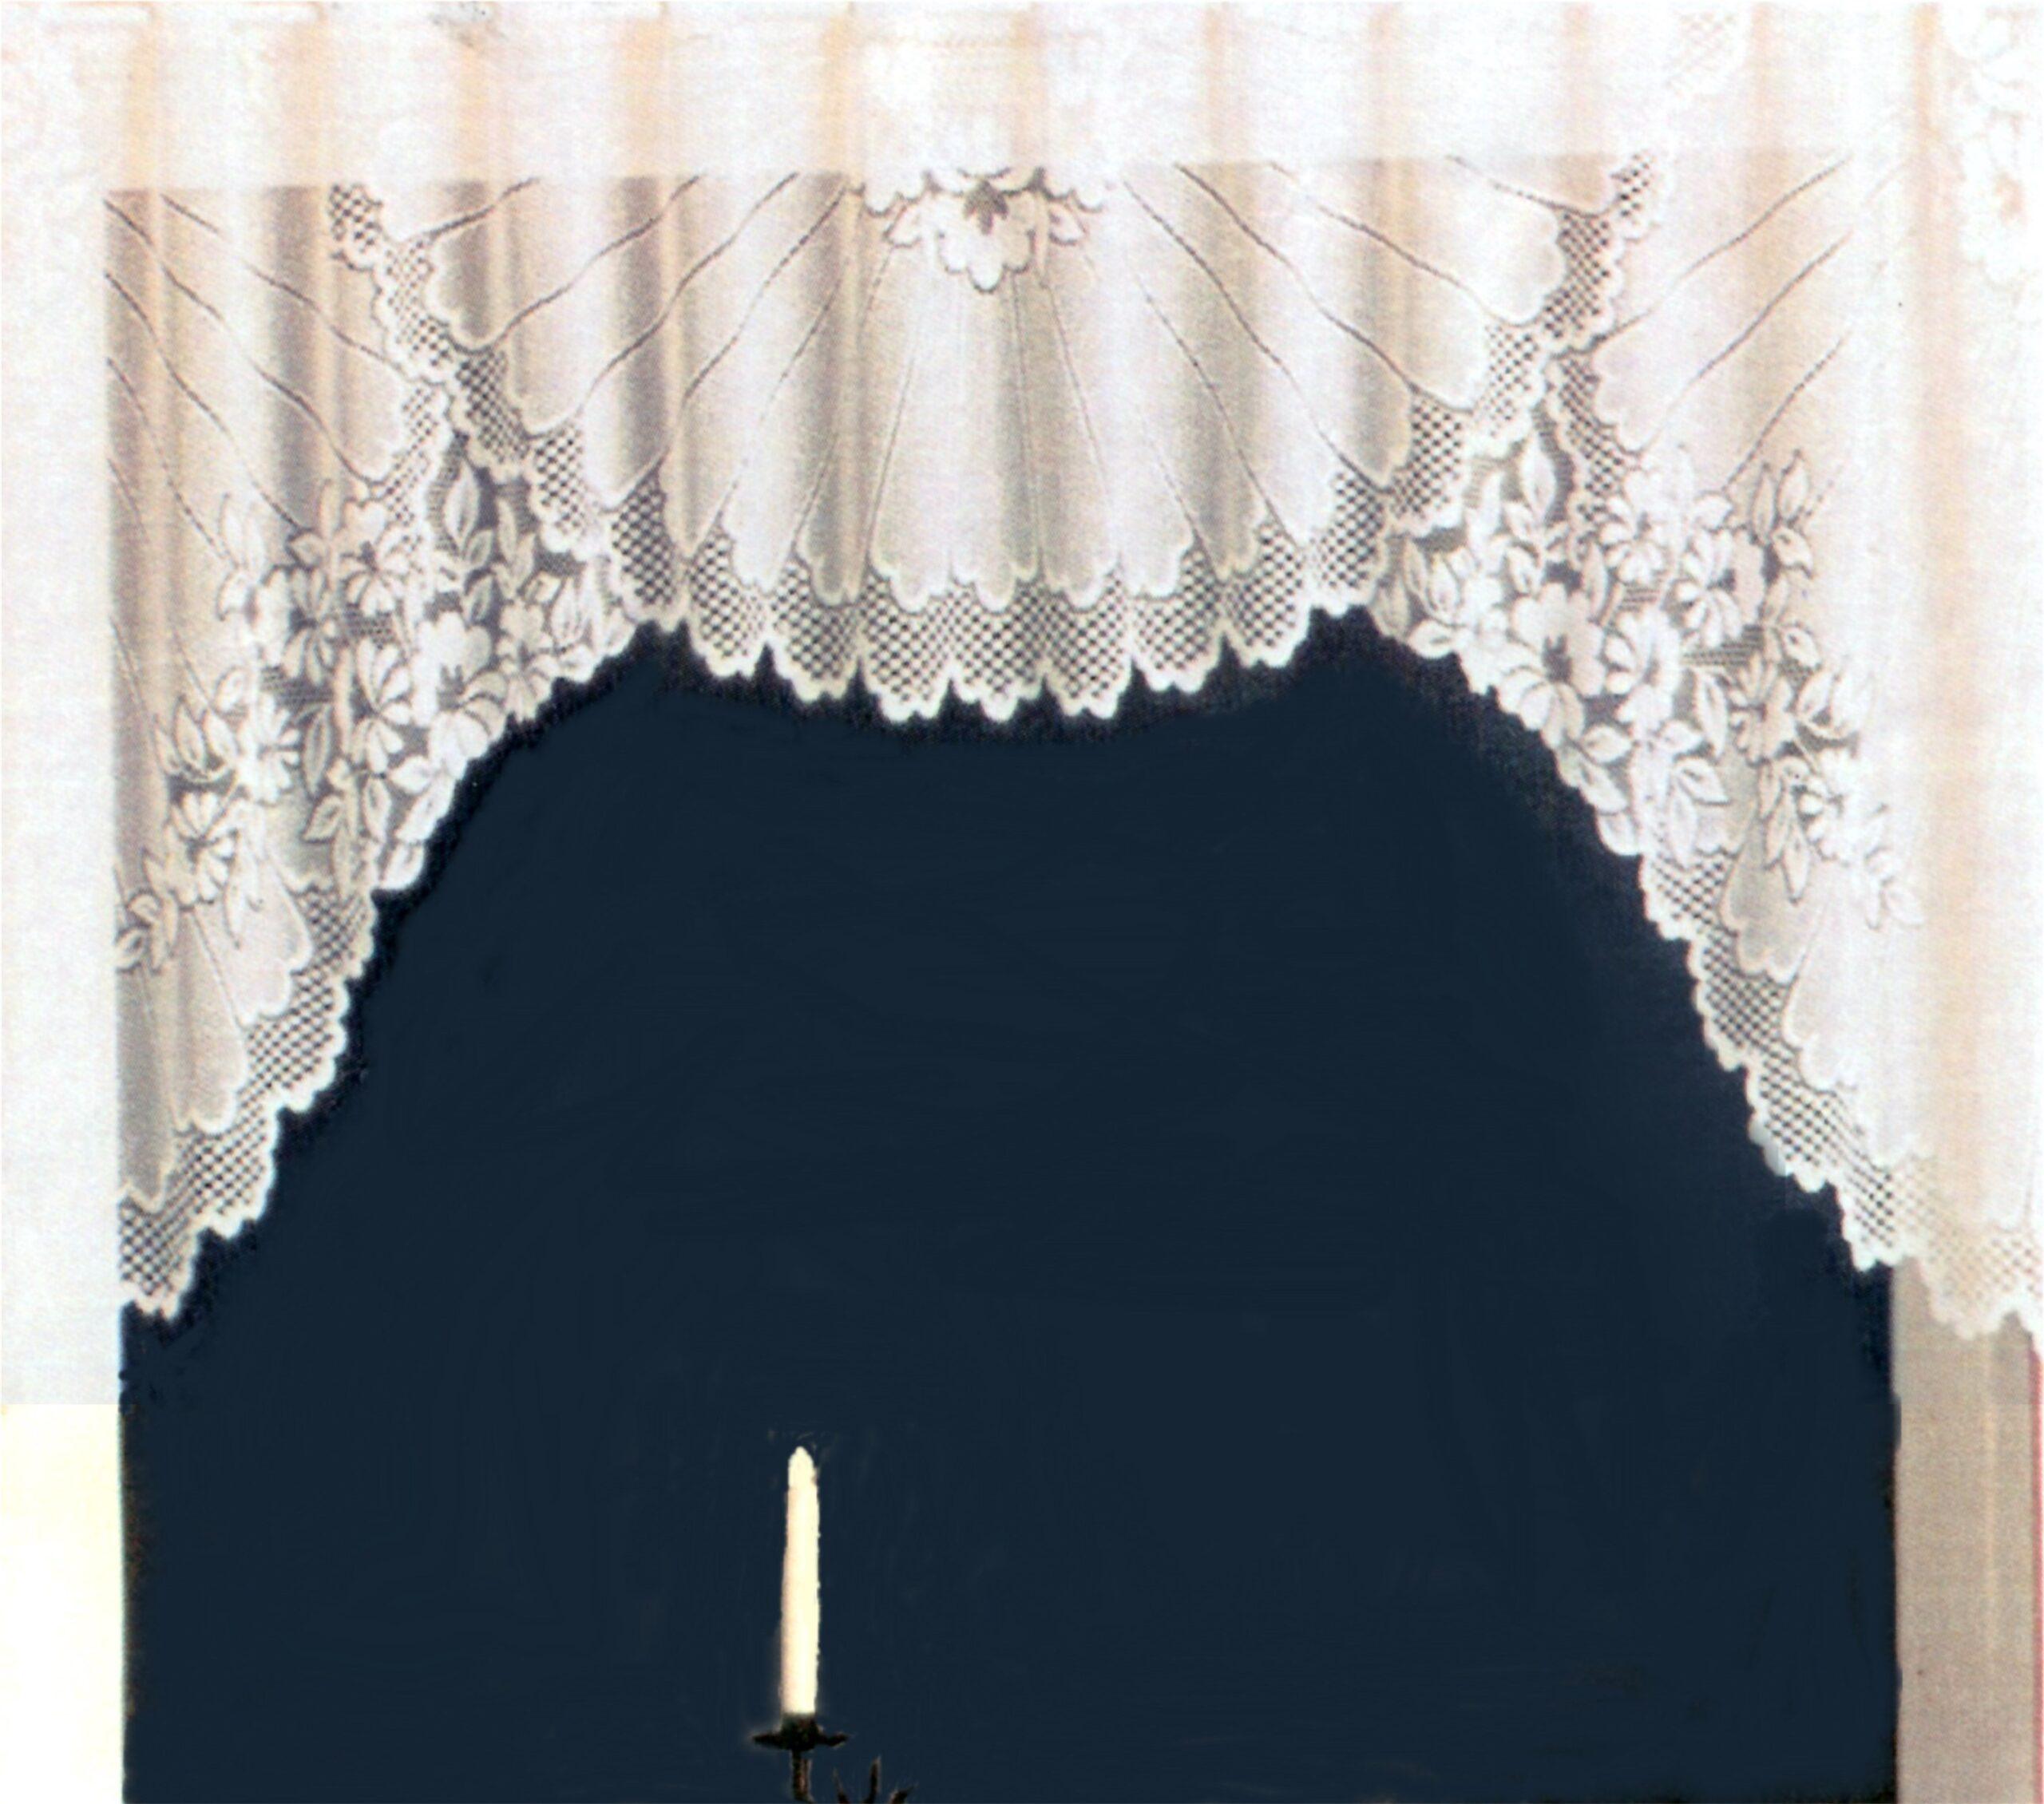 Full Size of Bogen Gardinen B2 C Kurzgardinen Scheibengardinen Bistrogardinen Panneaux Fenster Bogenlampe Esstisch Schlafzimmer Für Die Küche Wohnzimmer Wohnzimmer Bogen Gardinen